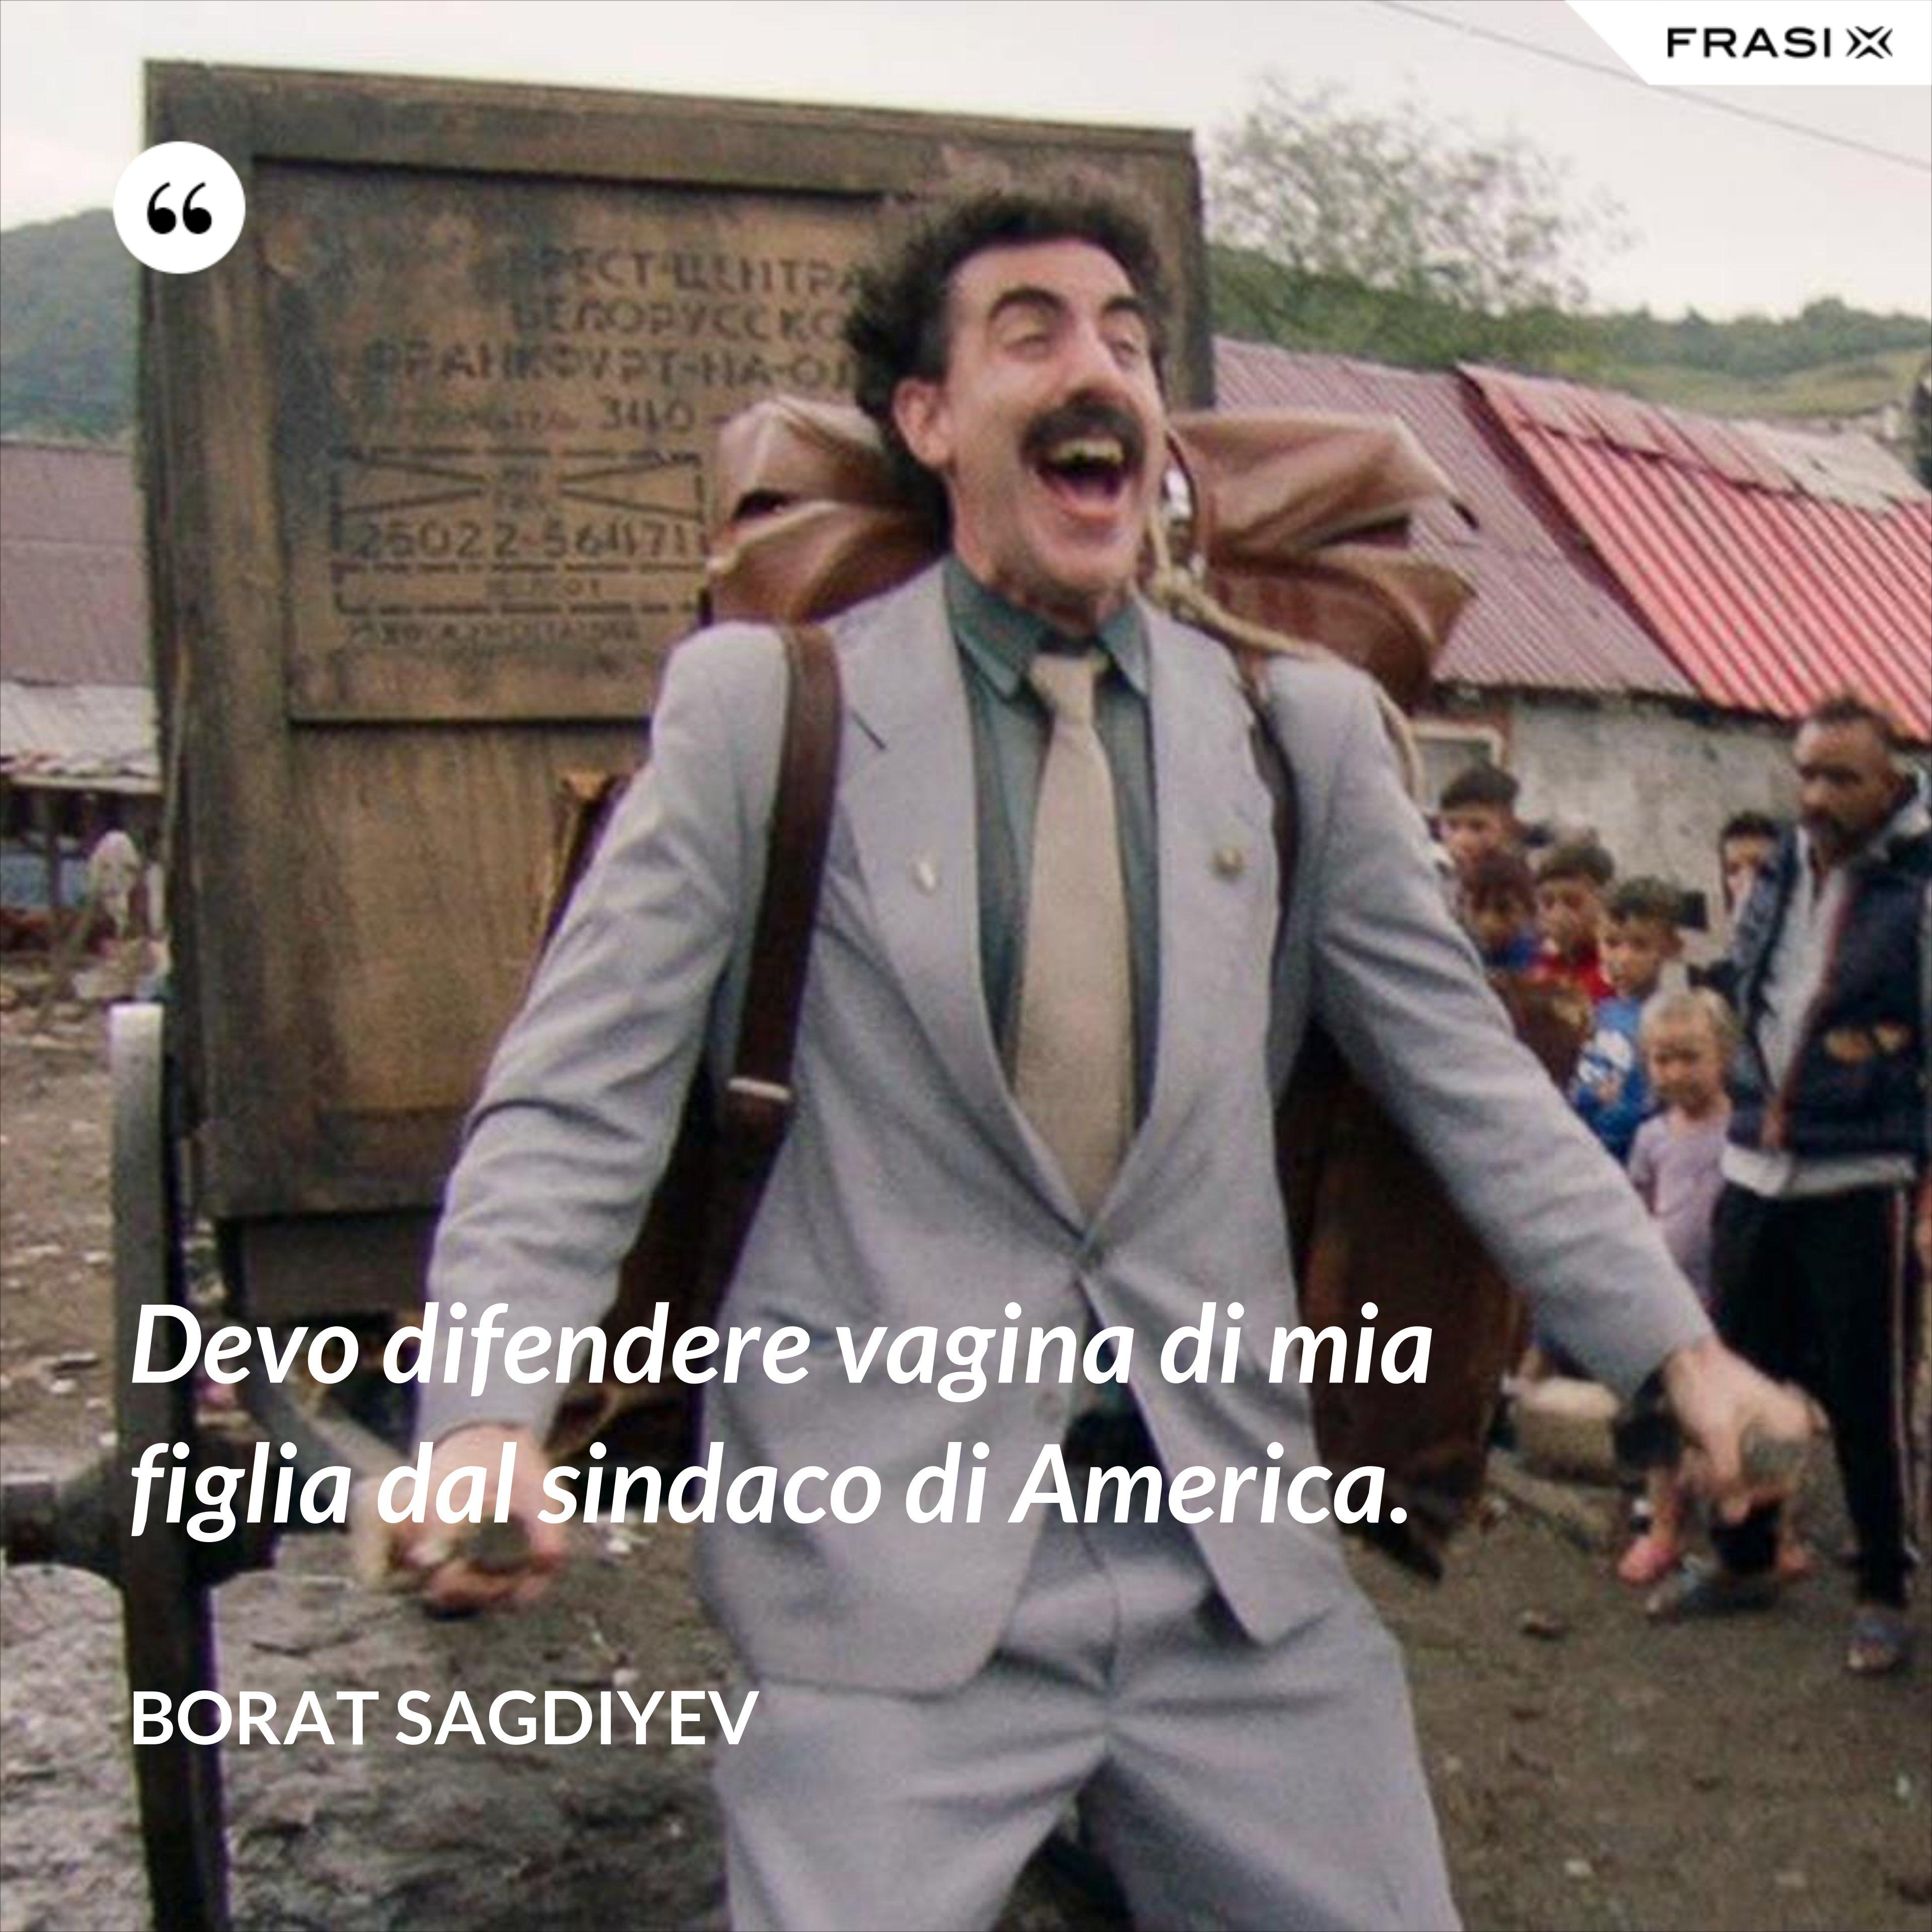 Devo difendere vagina di mia figlia dal sindaco di America. - Borat Sagdiyev